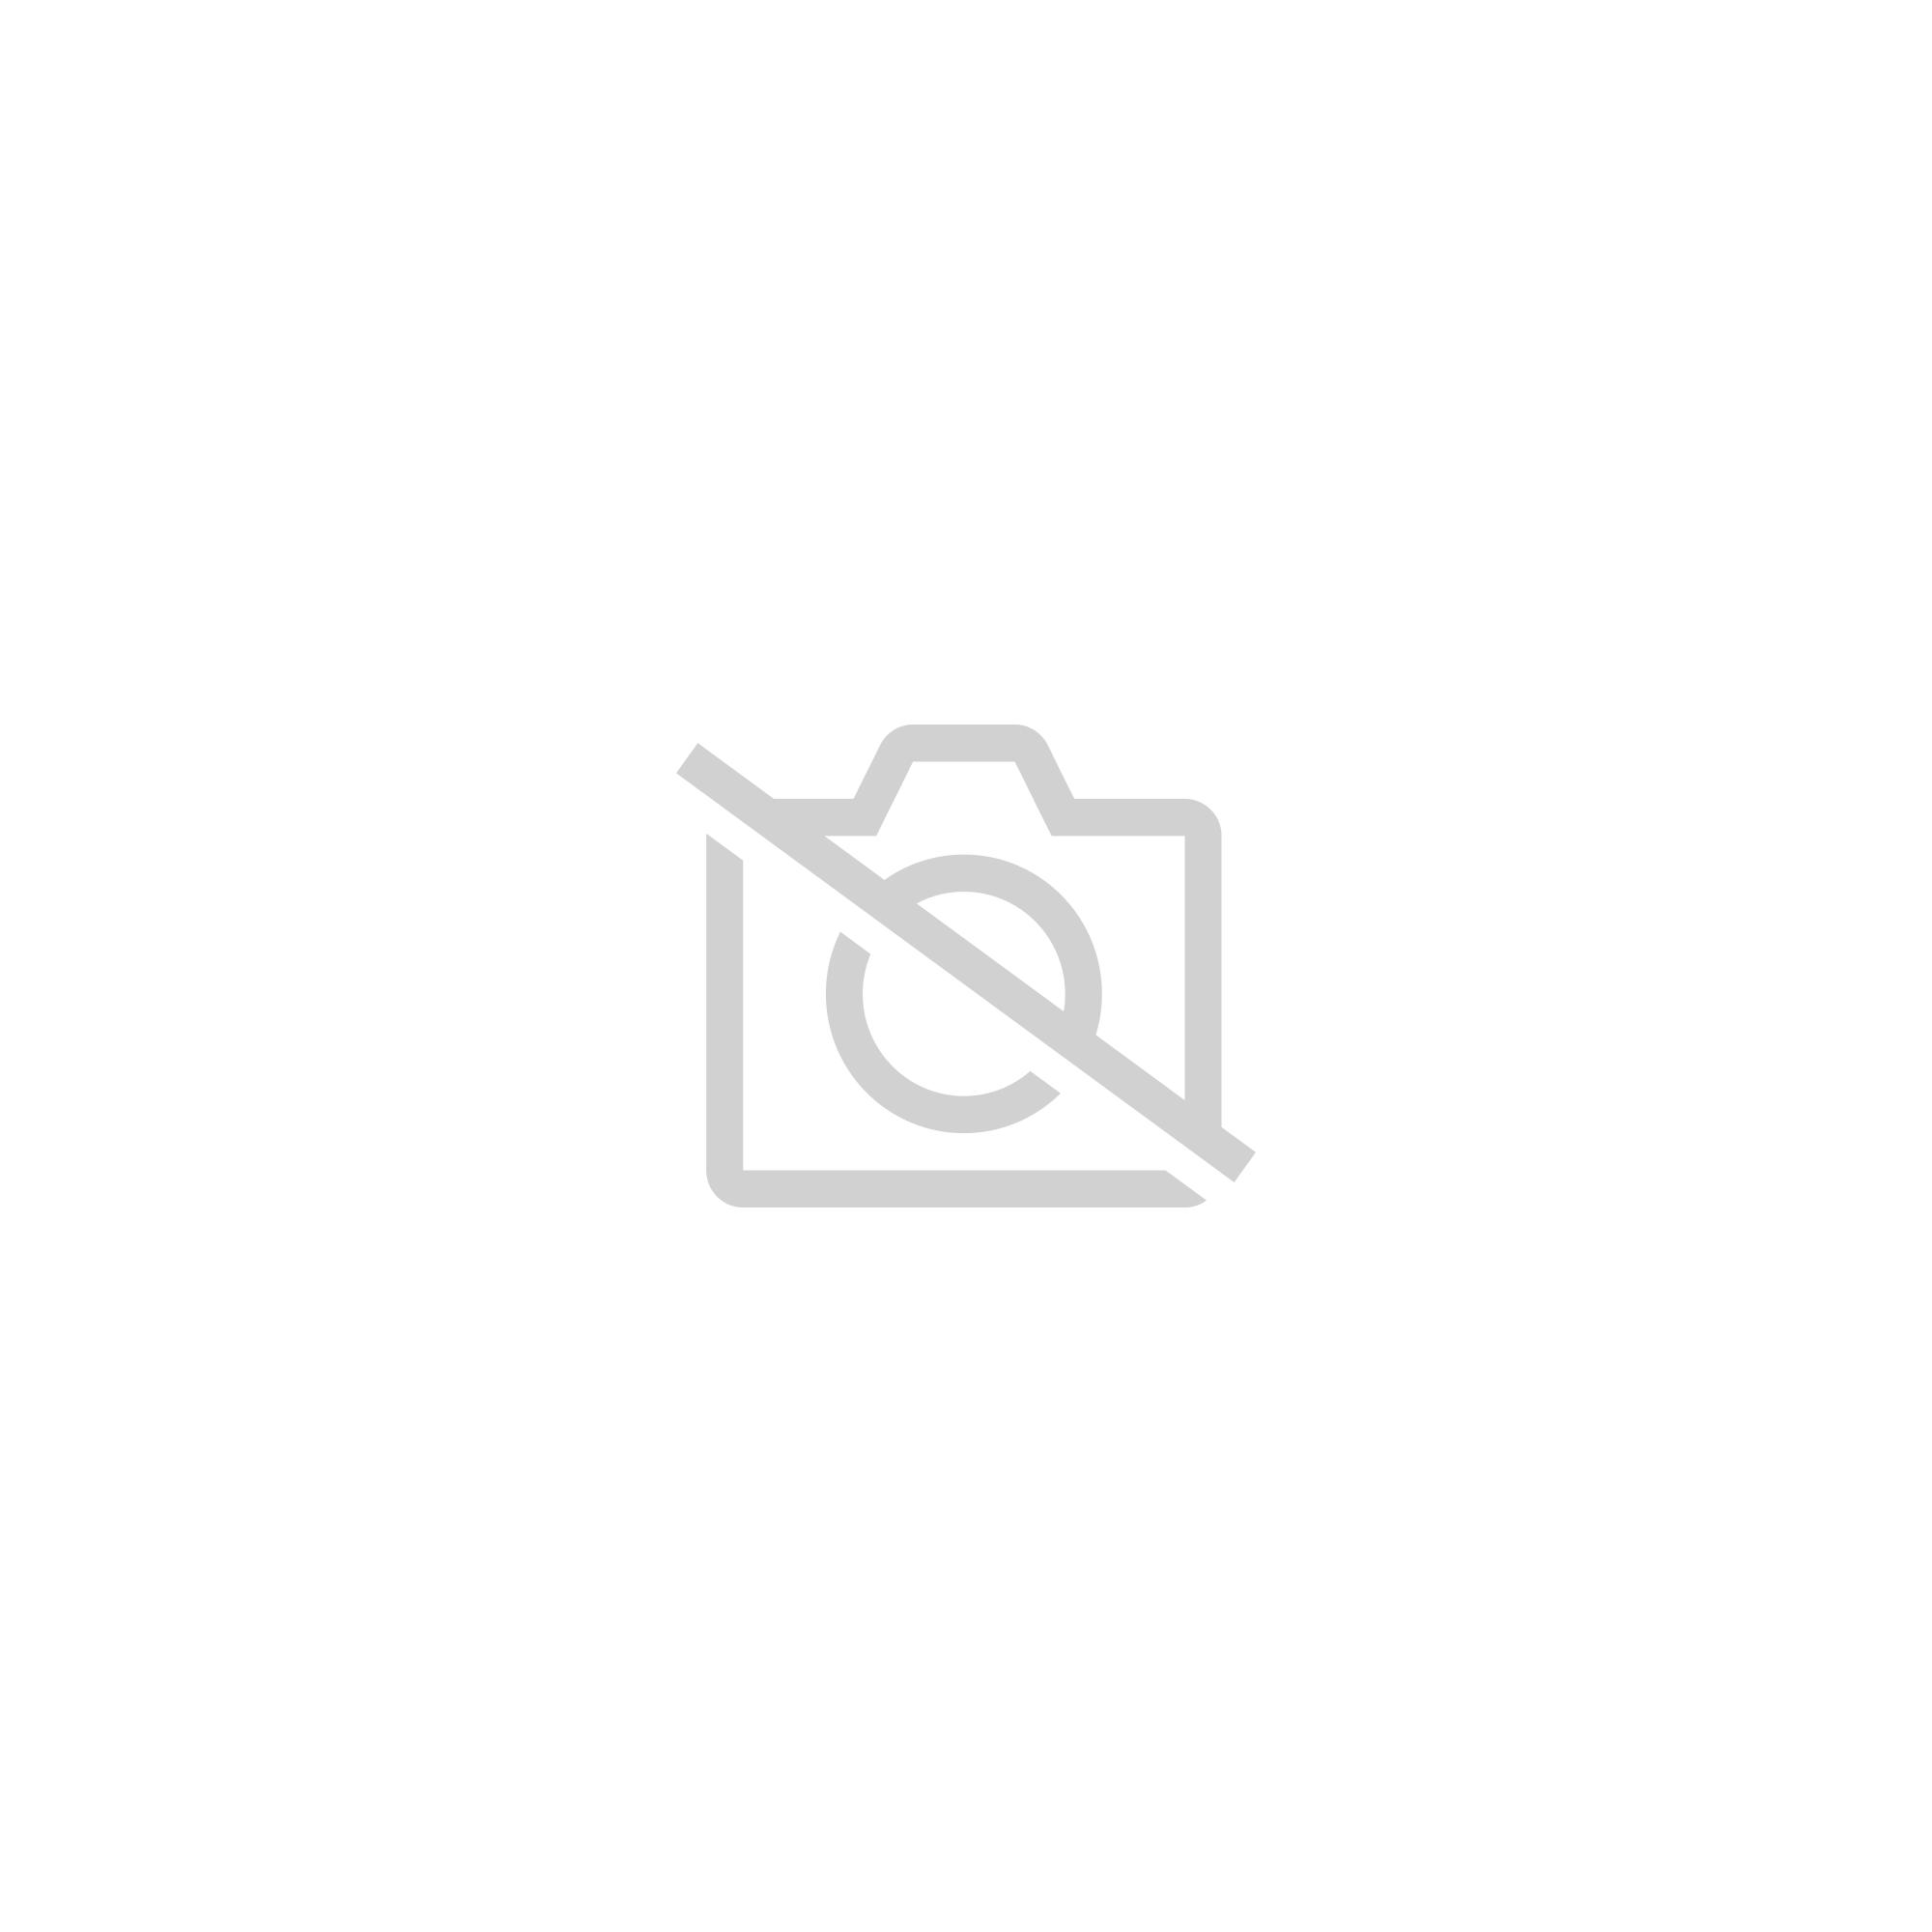 Michelin Hiver Alp A4